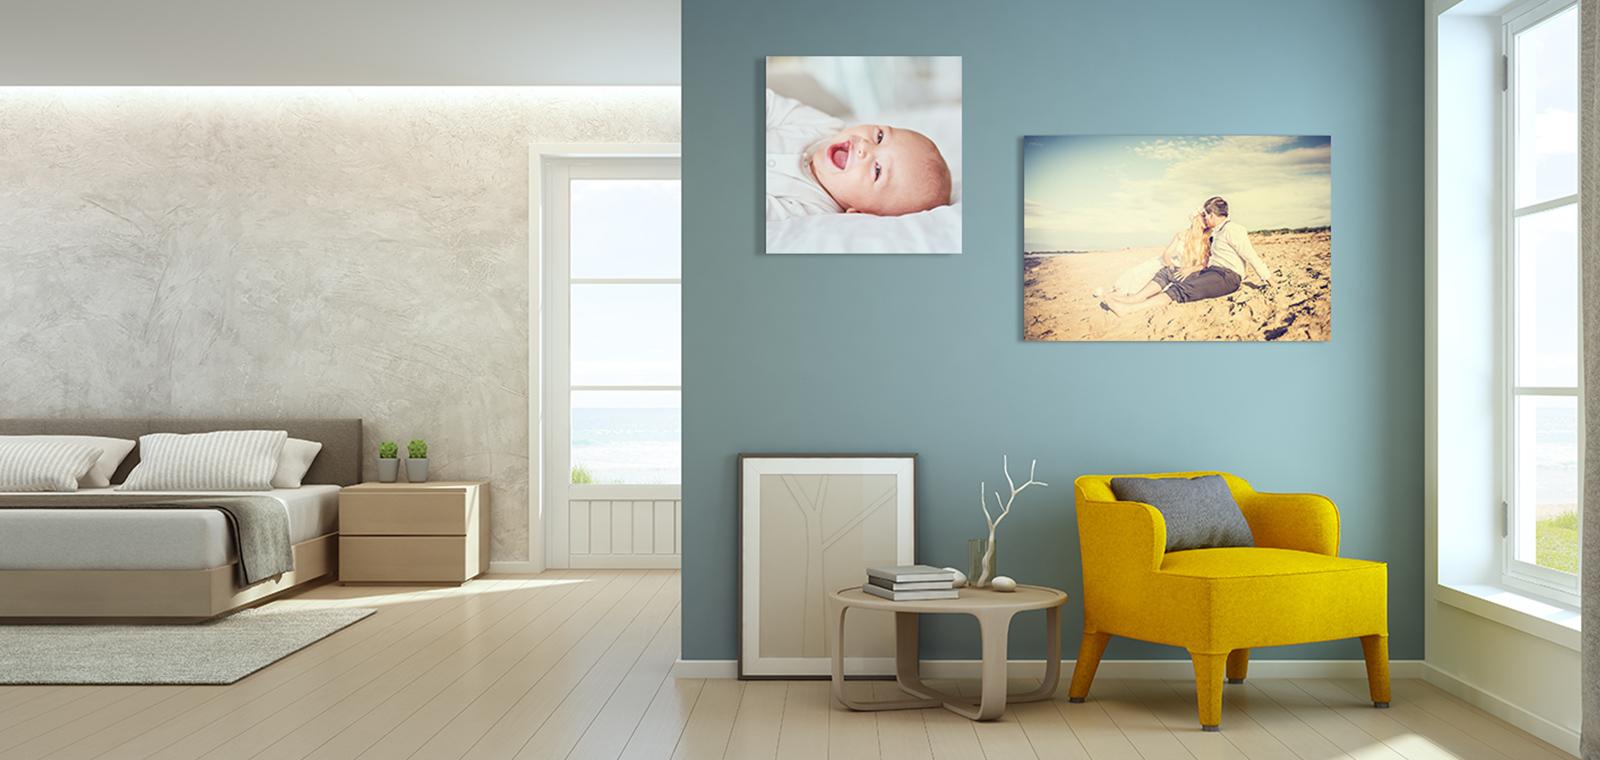 Diverse Wanddecoraties Aluminium.Wanddecoratie Hoogwaardige Materialen Voor In Huis Of Als Reclame